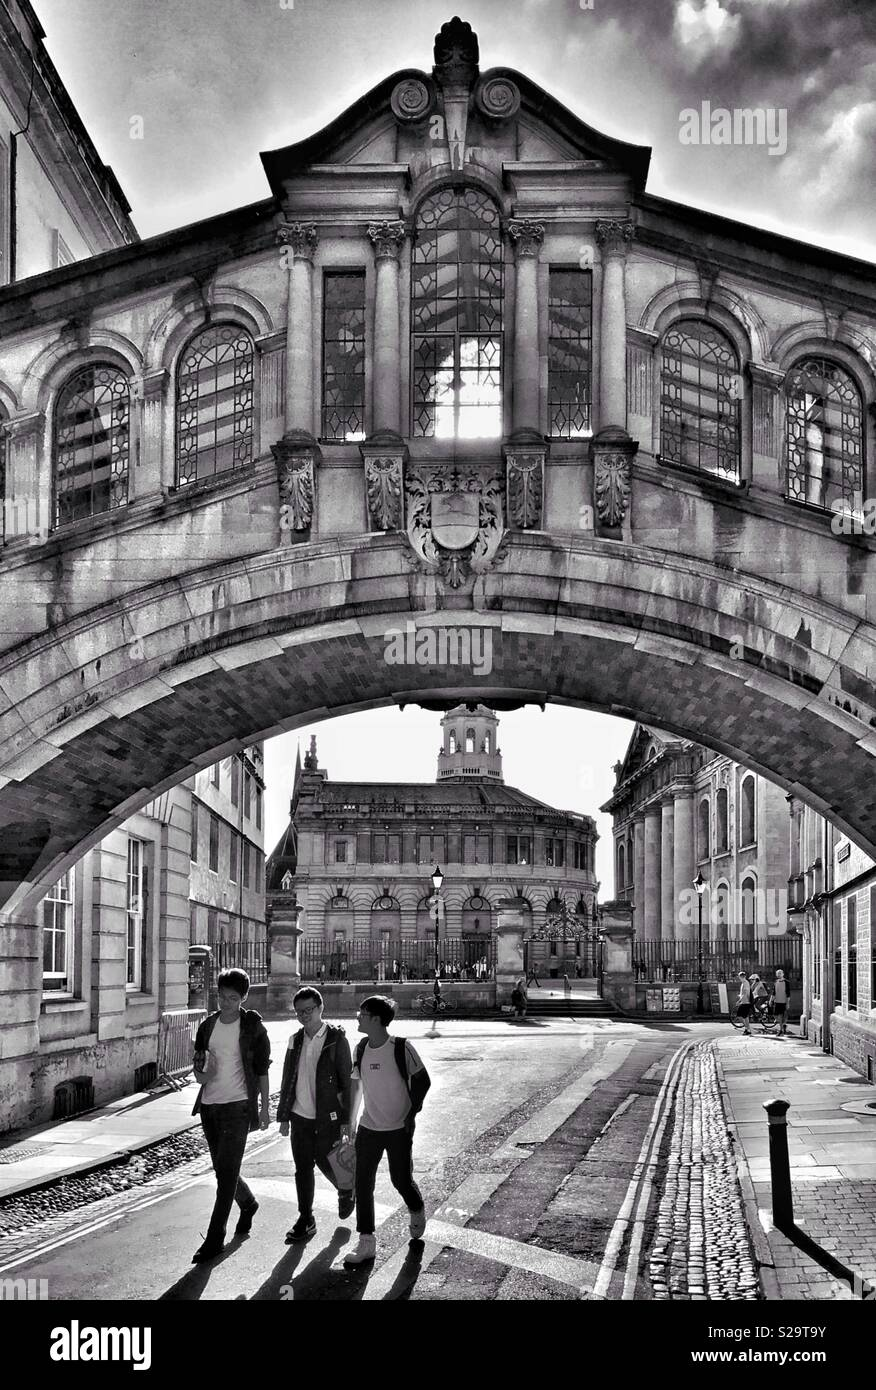 """Drei Freunde unter den berühmten """"Seufzerbrücke"""" in Oxford, England. Die berühmten hertford Brücke Sehenswürdigkeiten links die Alte & Neue VIERECKE von Hertford College. Foto - © COLIN HOSKINS. Stockbild"""